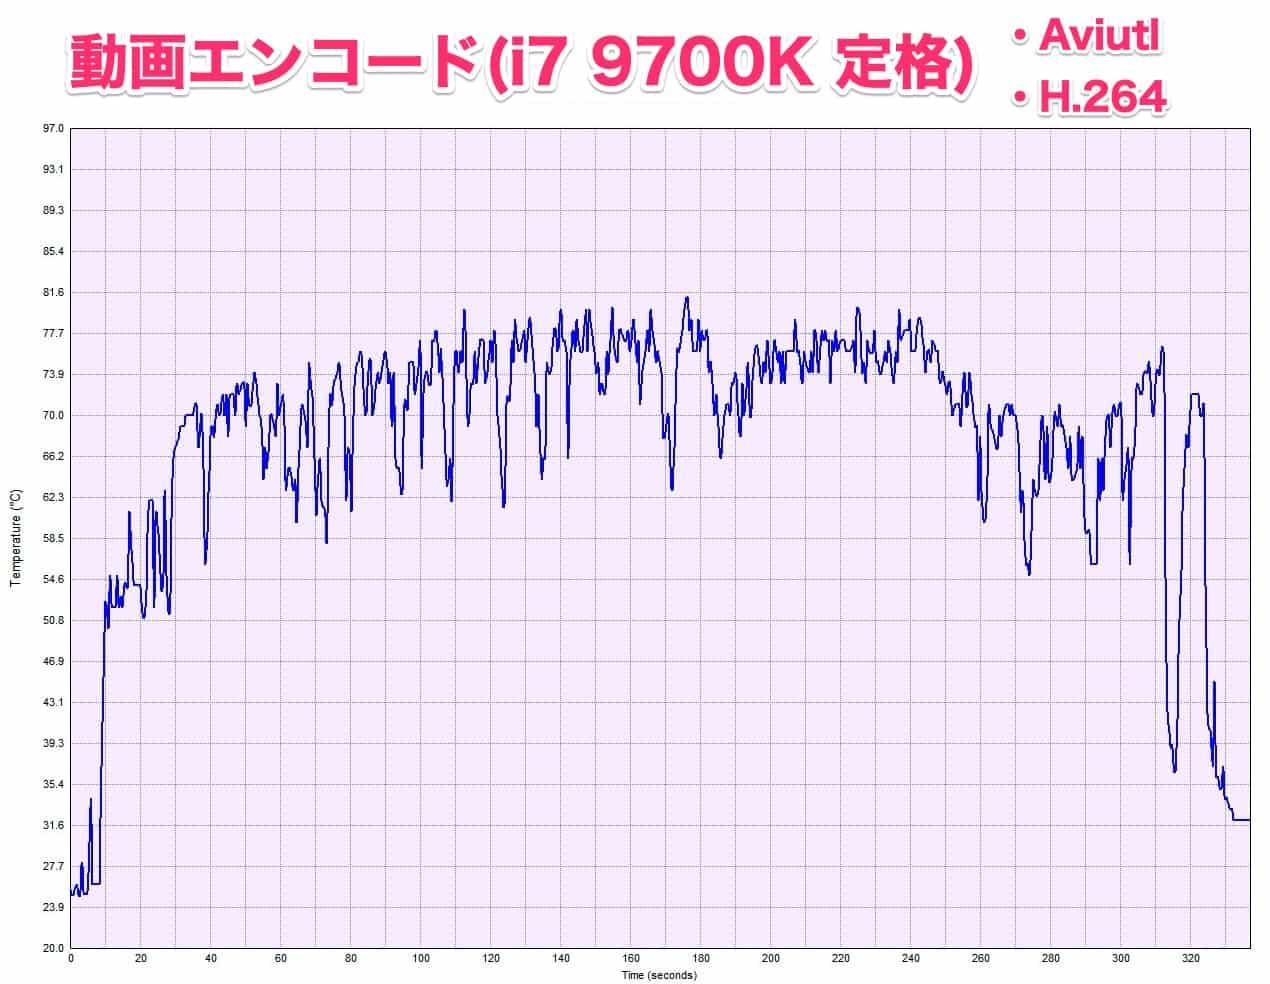 aviutl-h.264-i7-9700k